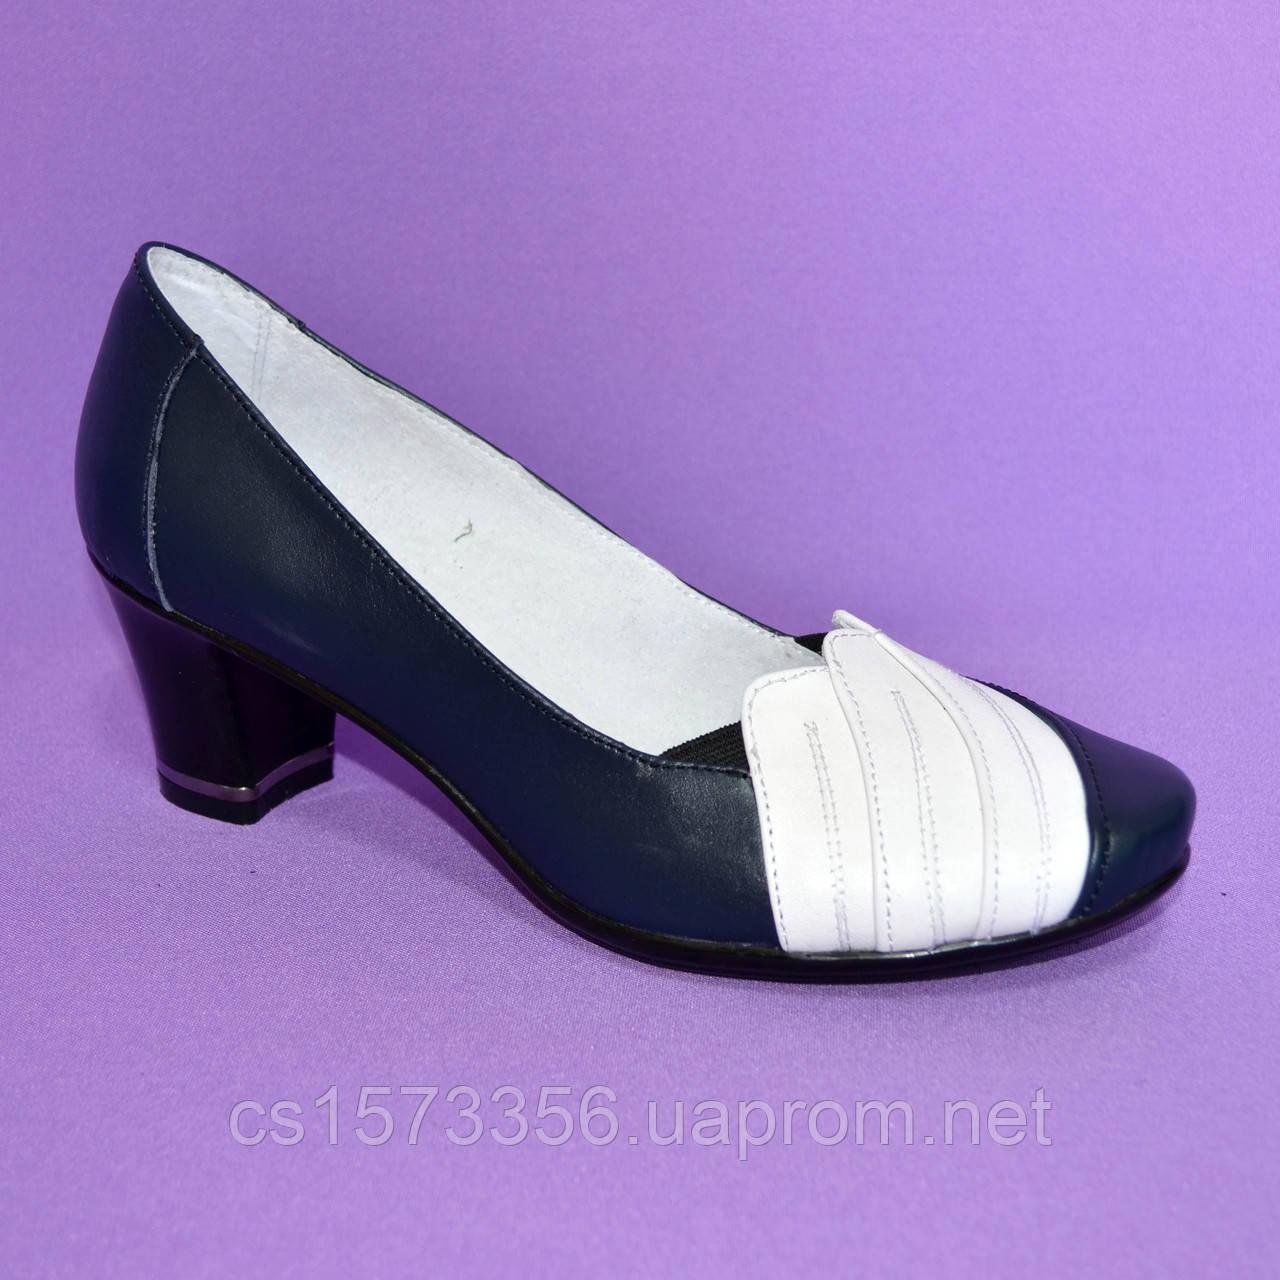 Женские кожаные синие туфли на каблуке от производителя